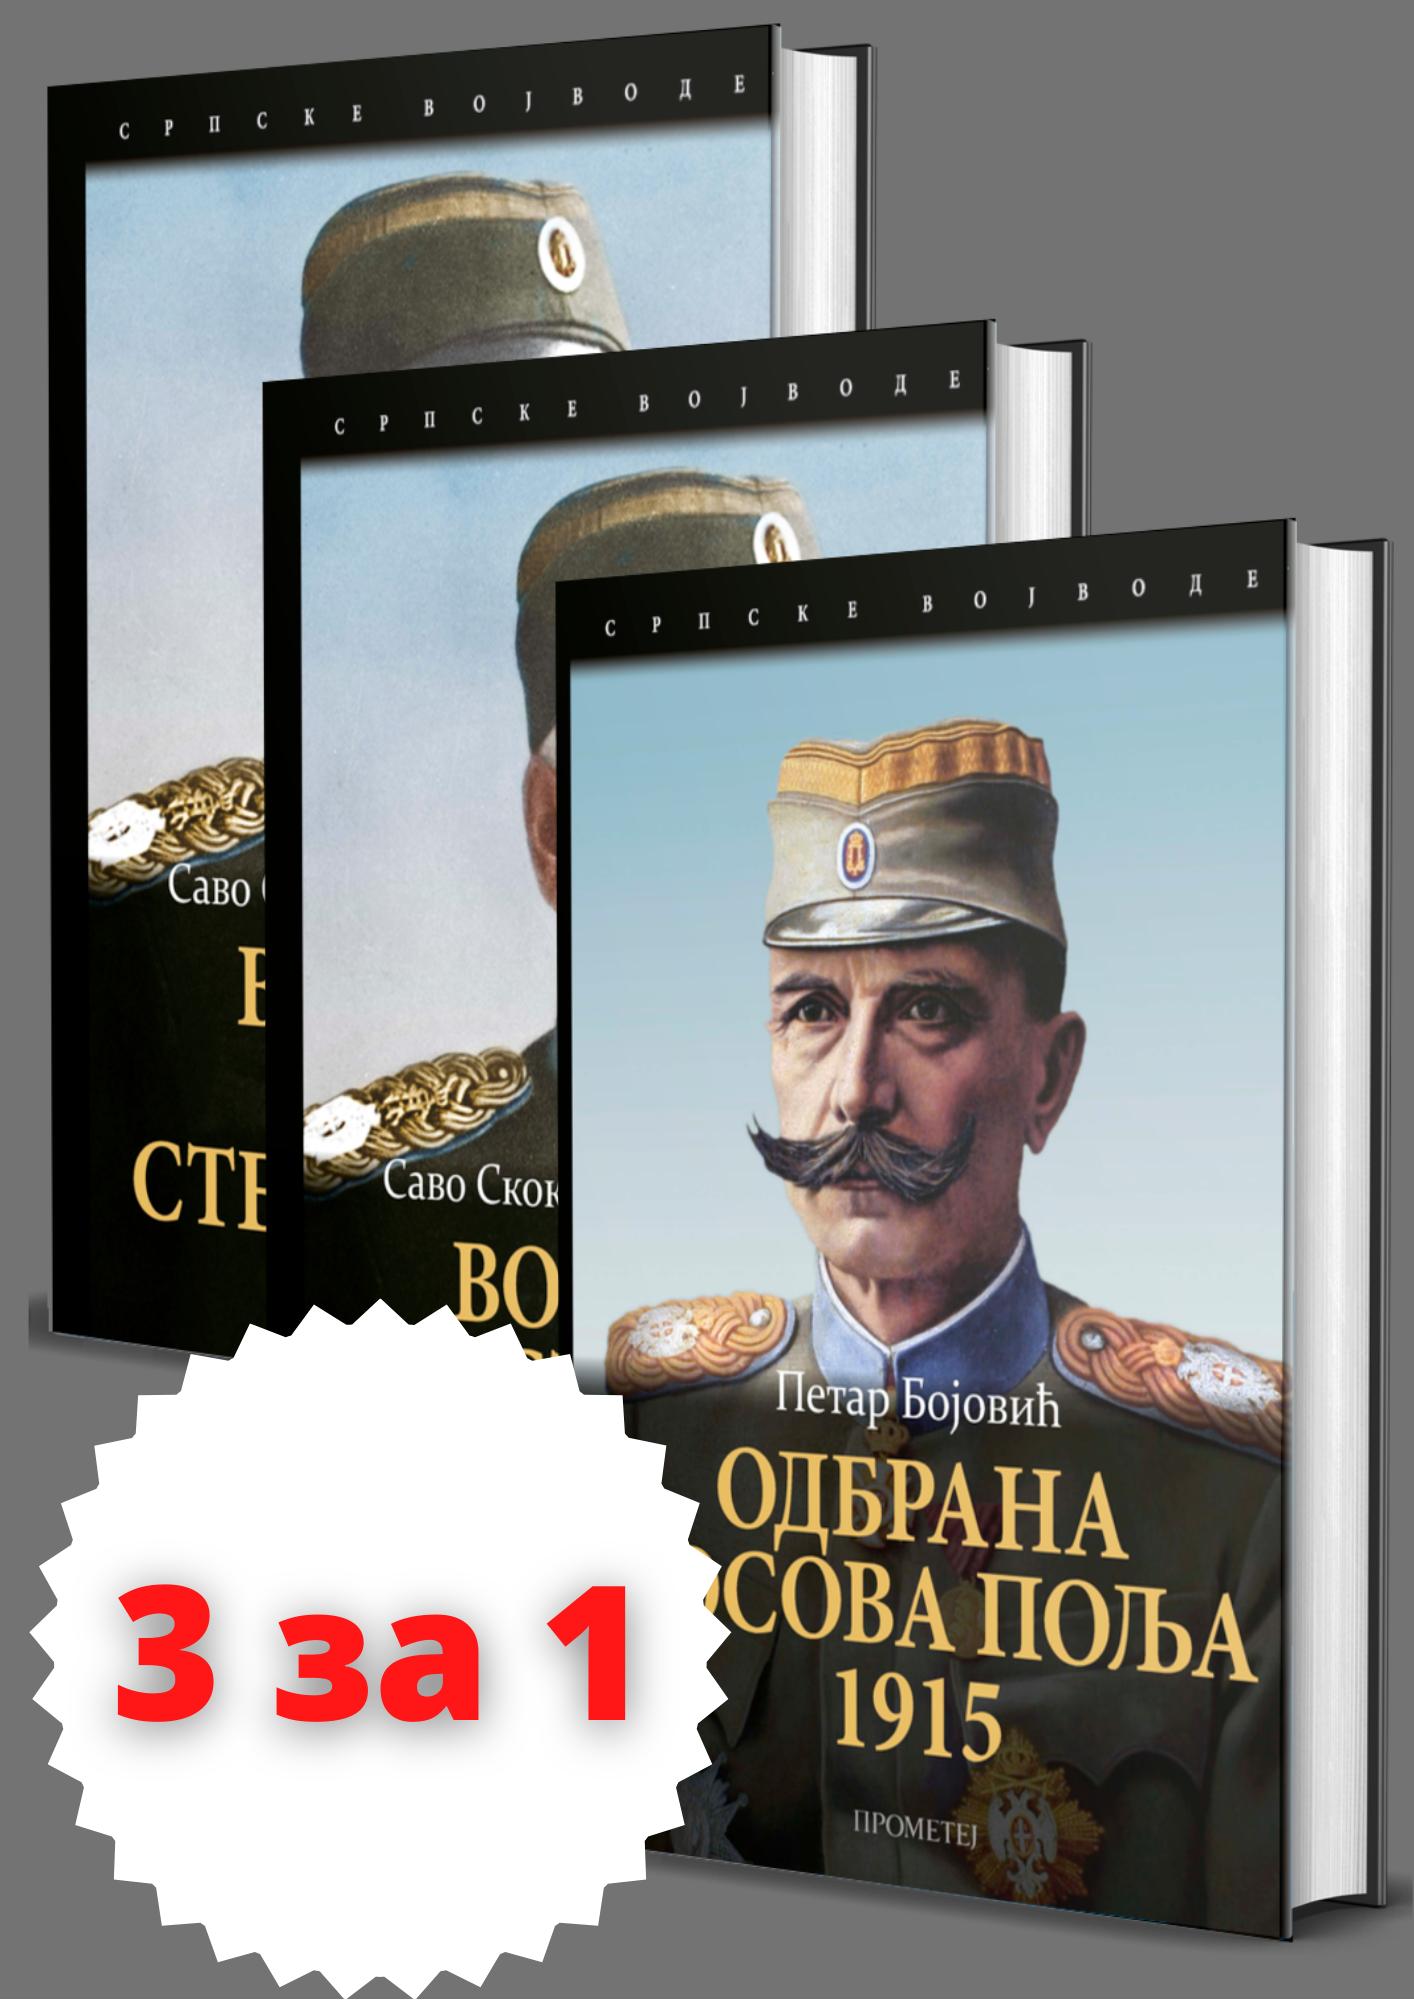 Tri knjige o srpskim vojvodama po ceni jedne